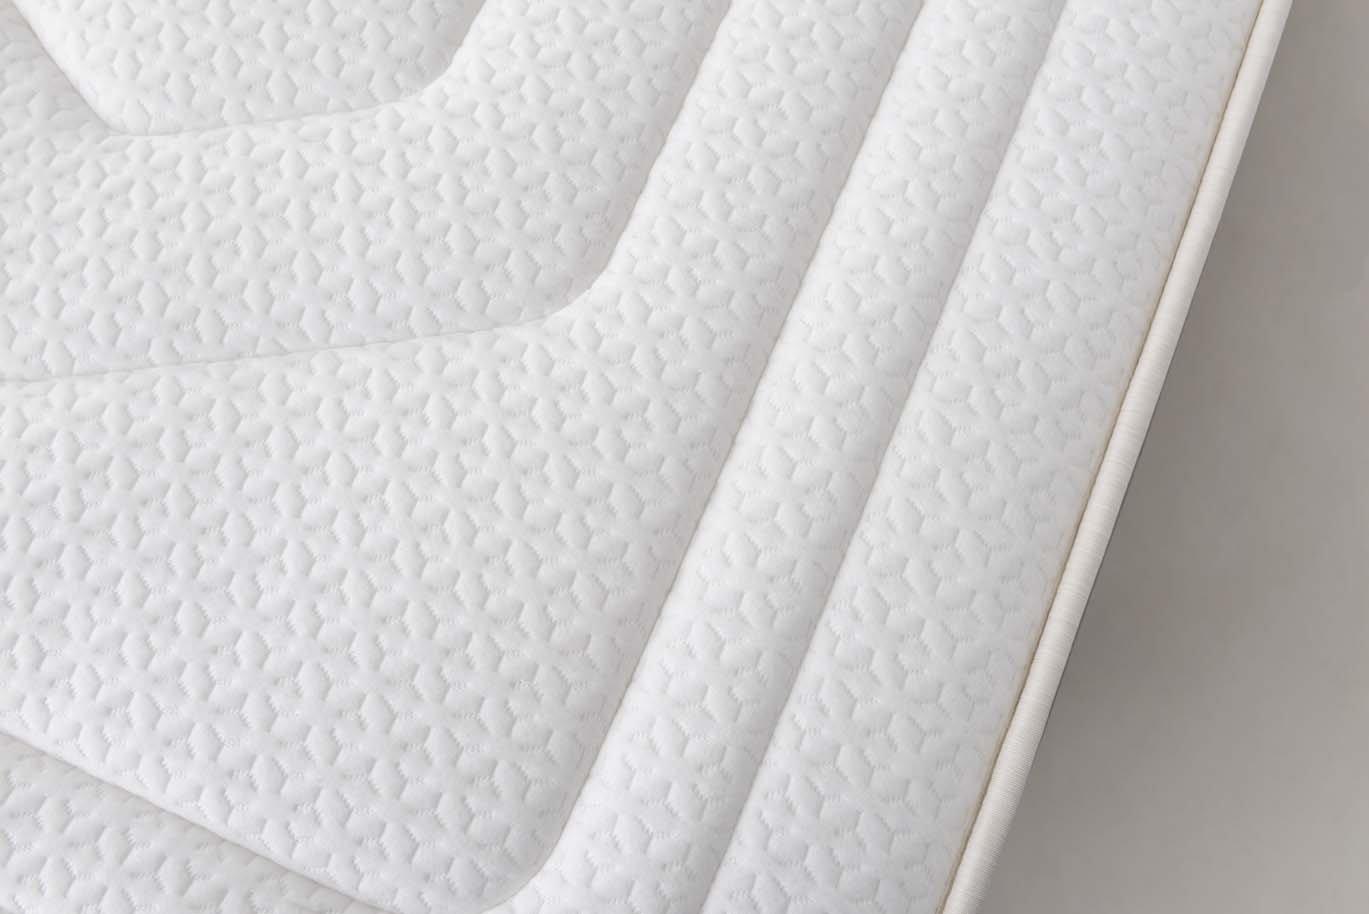 MAXCOLCHON Pack Colchon Luxe-Grafeno + Almohada + Canape Abatible 150x200: Amazon.es: Hogar